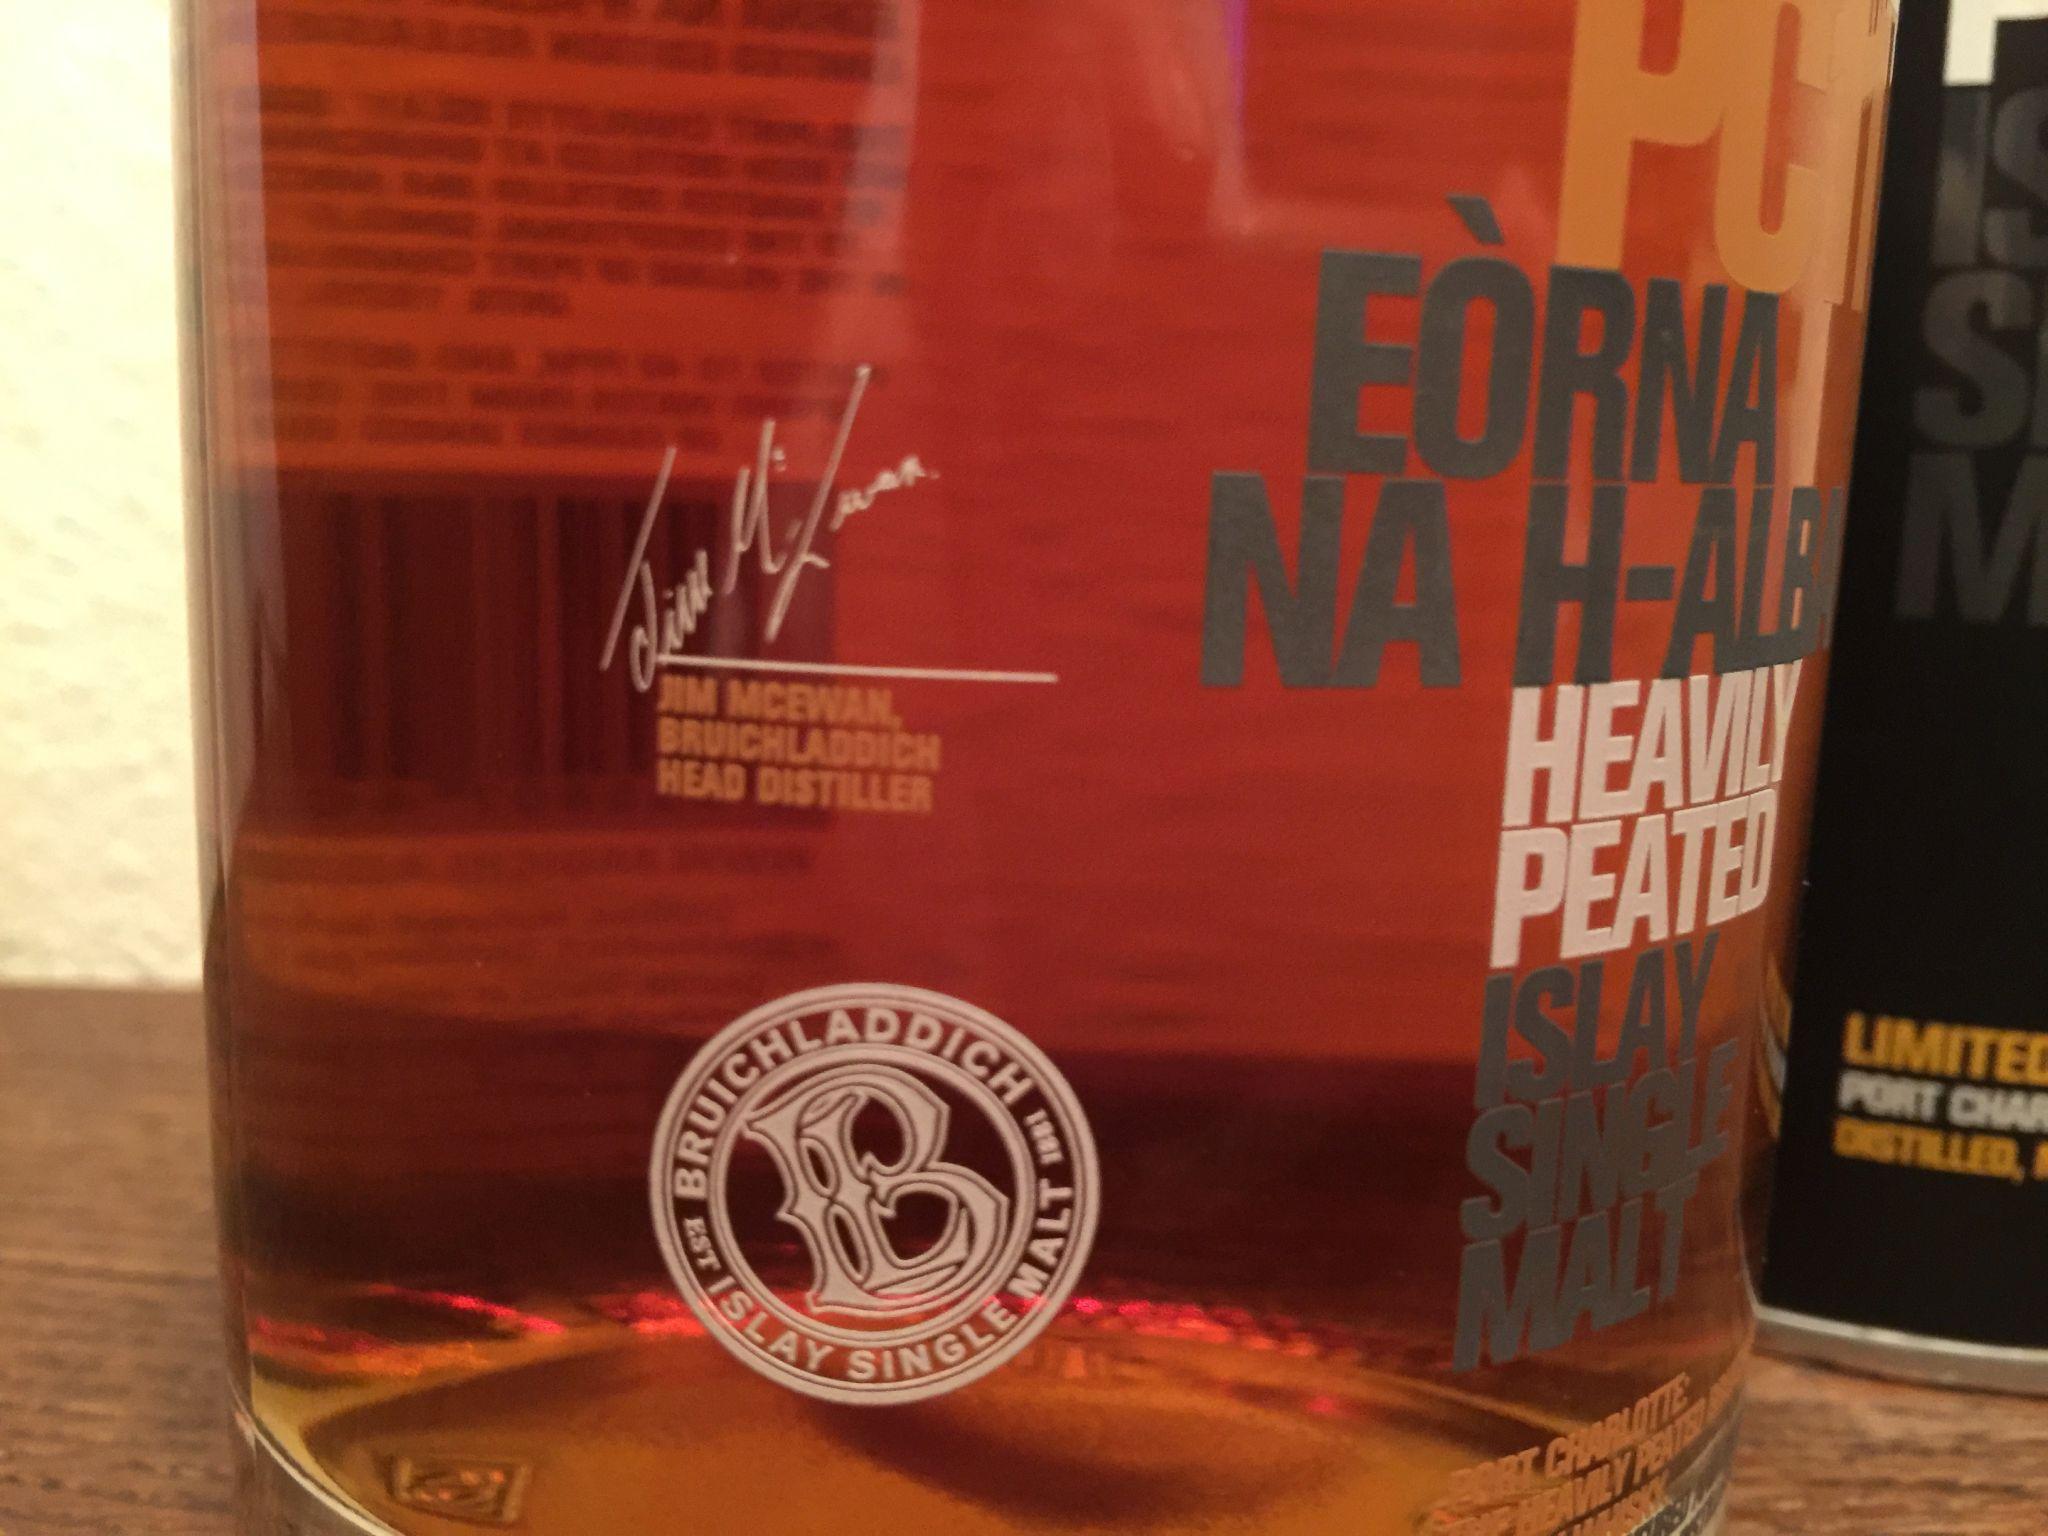 Schon auf ersten Blick sieht der Kenner, dass dieser Whisky von der Insel Islay auch im Sherryfass gelagert wurde.